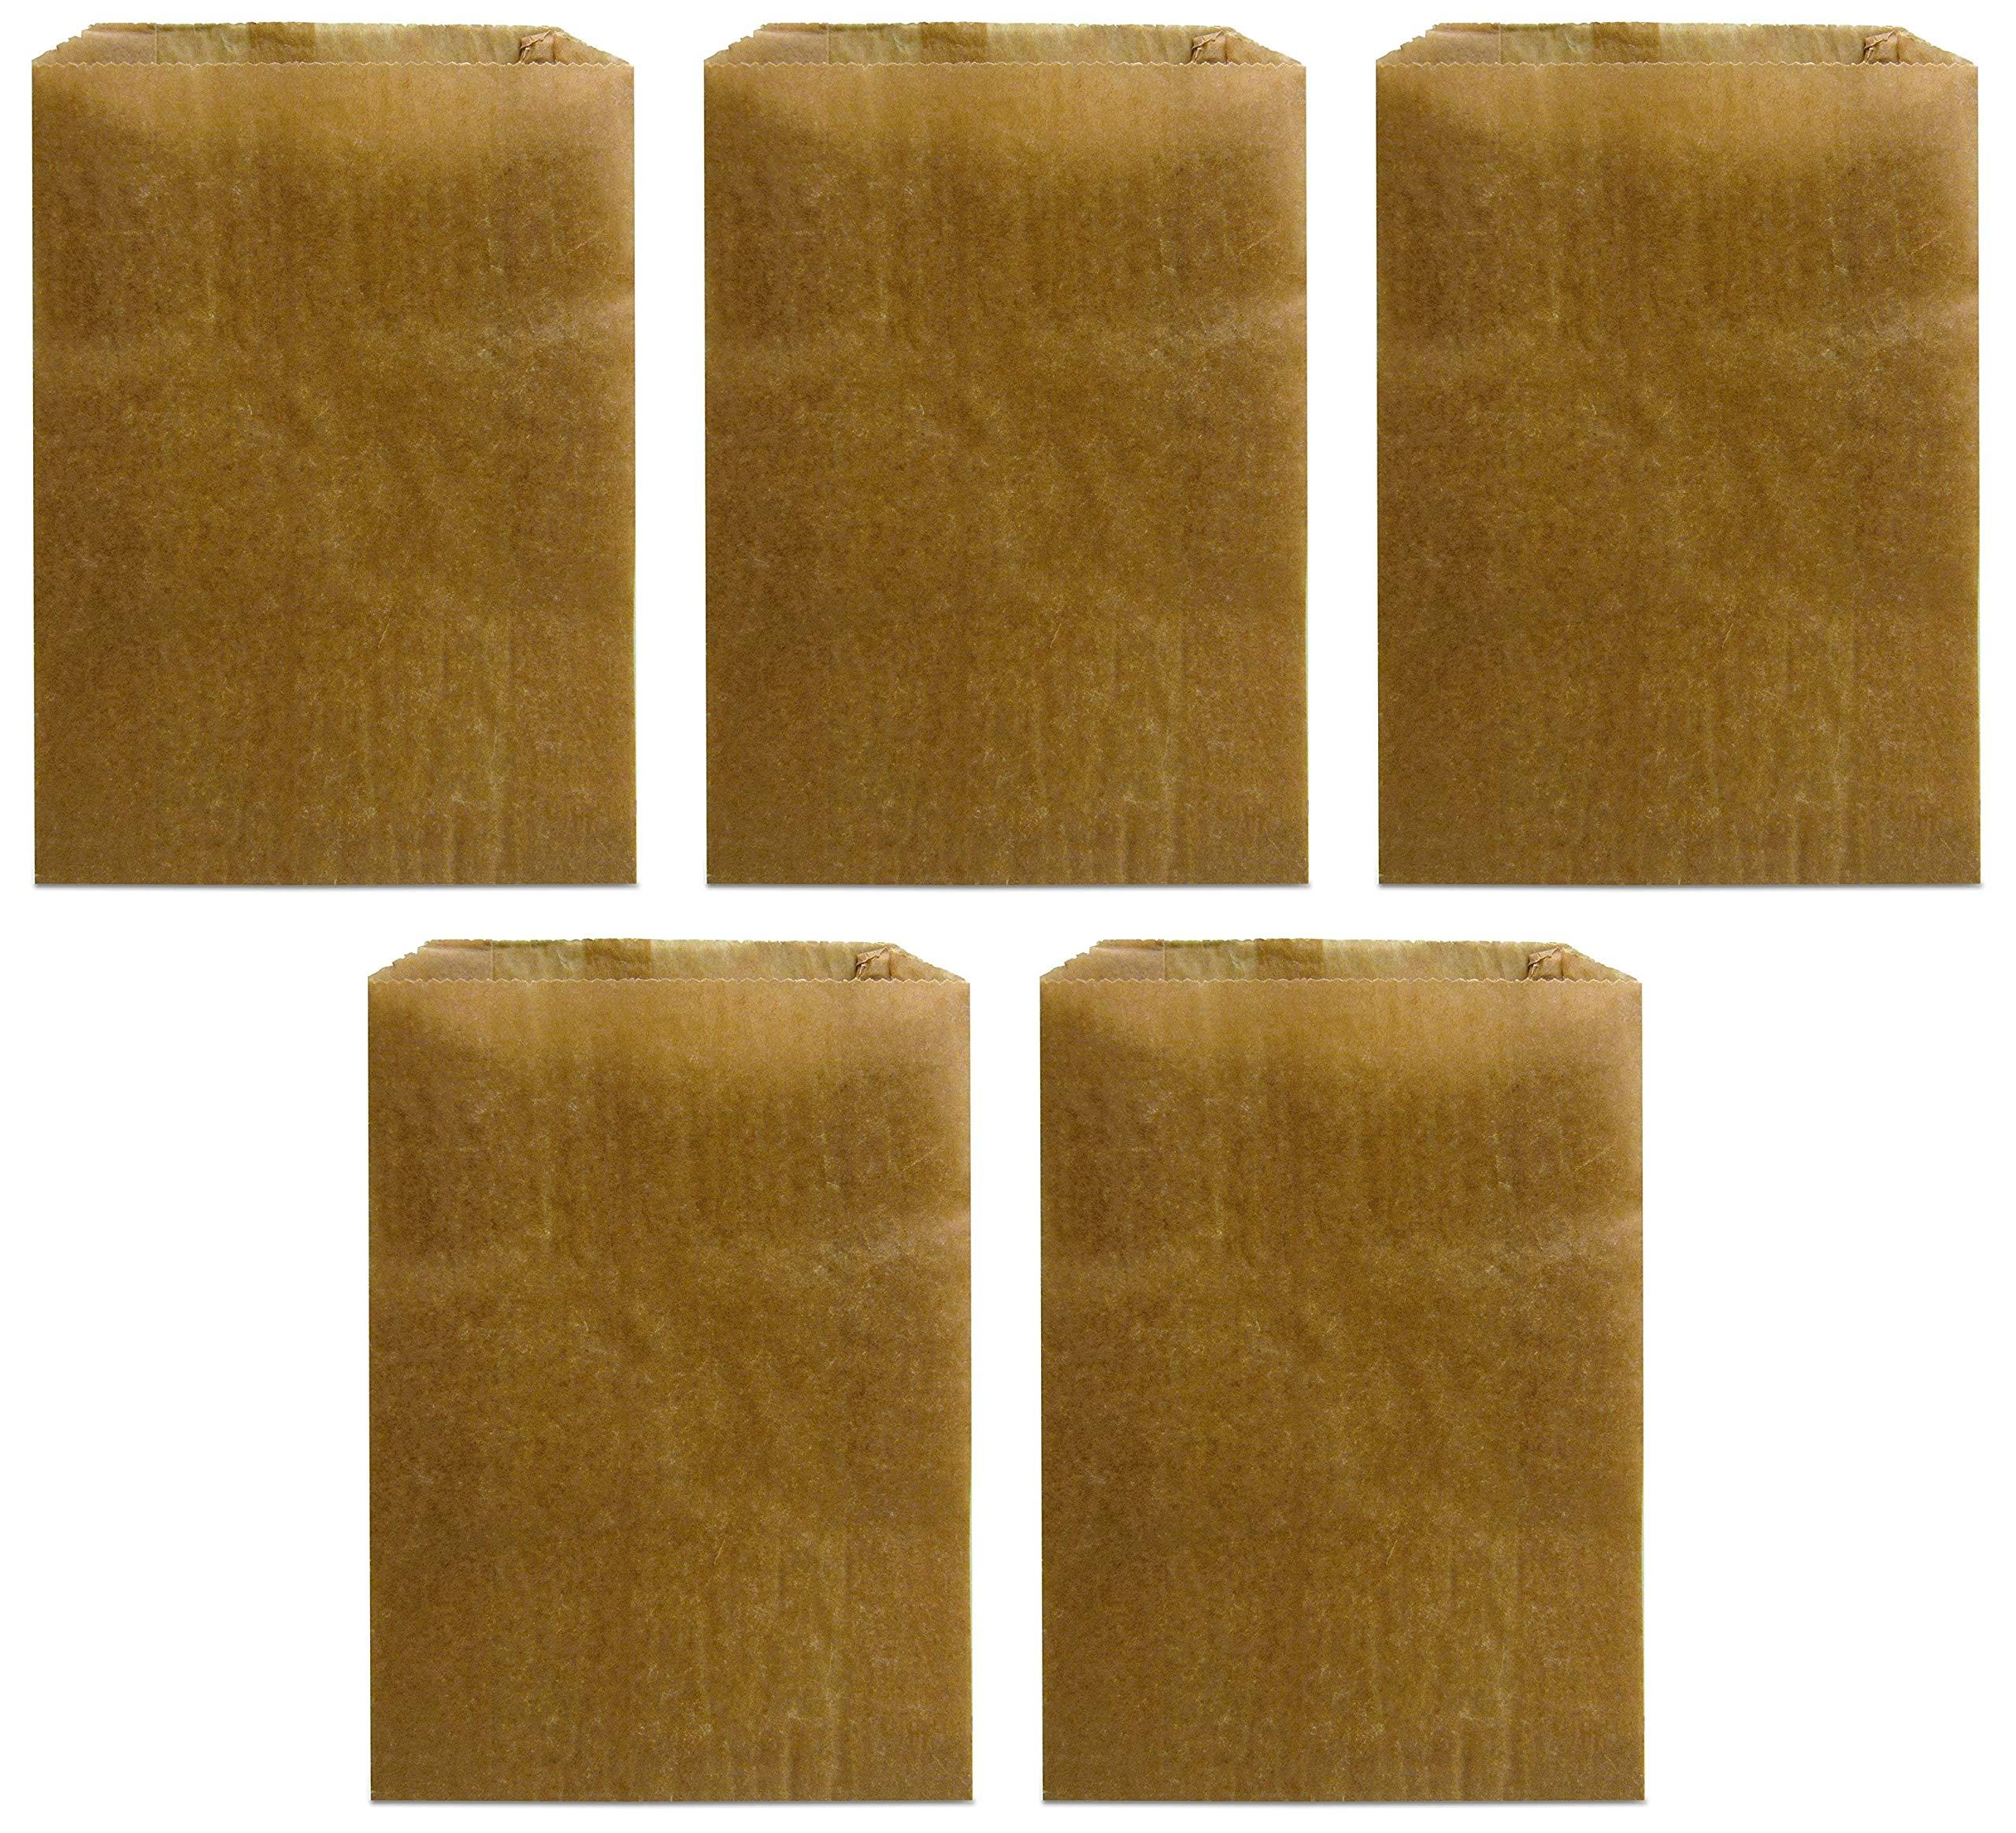 """Hospeco KL Waxed Kraft Feminine Hygiene Liner Bag with Gusset (Case of 500), 10.25"""" x 7.5"""" x 3.5… (Fіvе Расk)"""